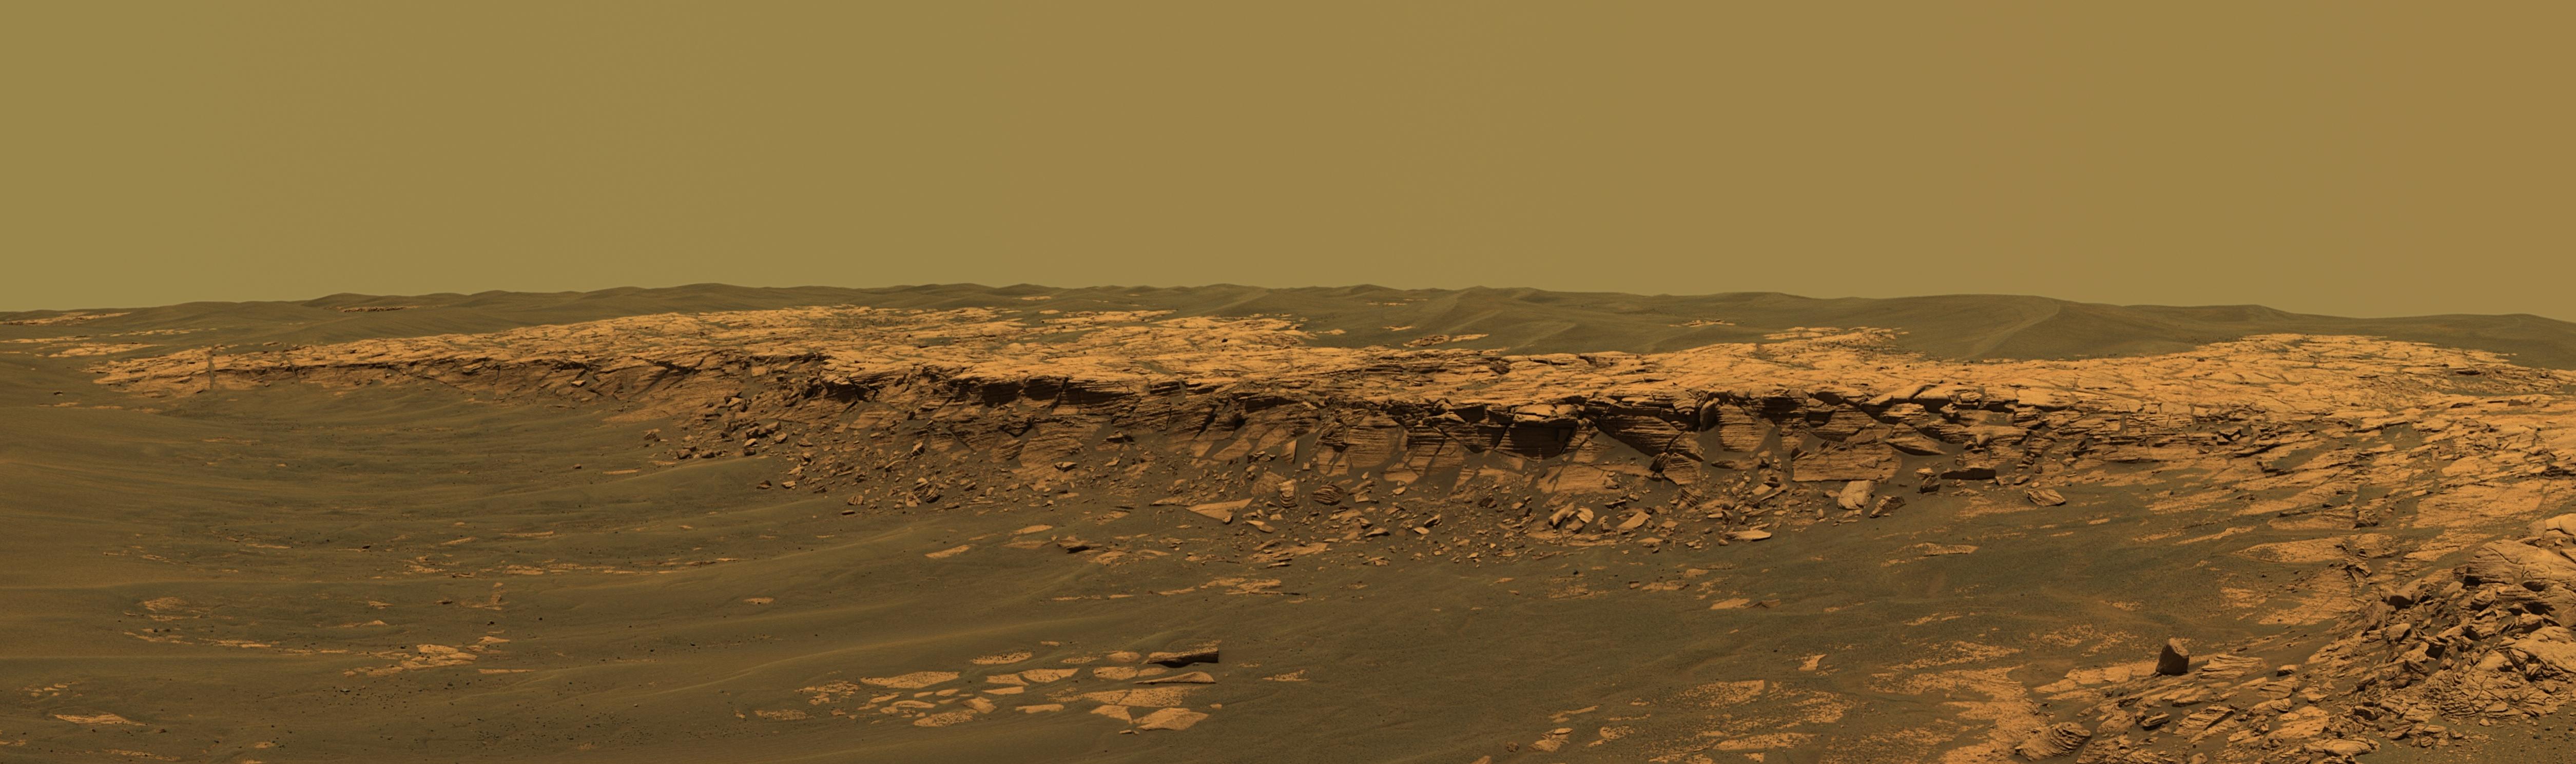 Image Gallery mars panorama